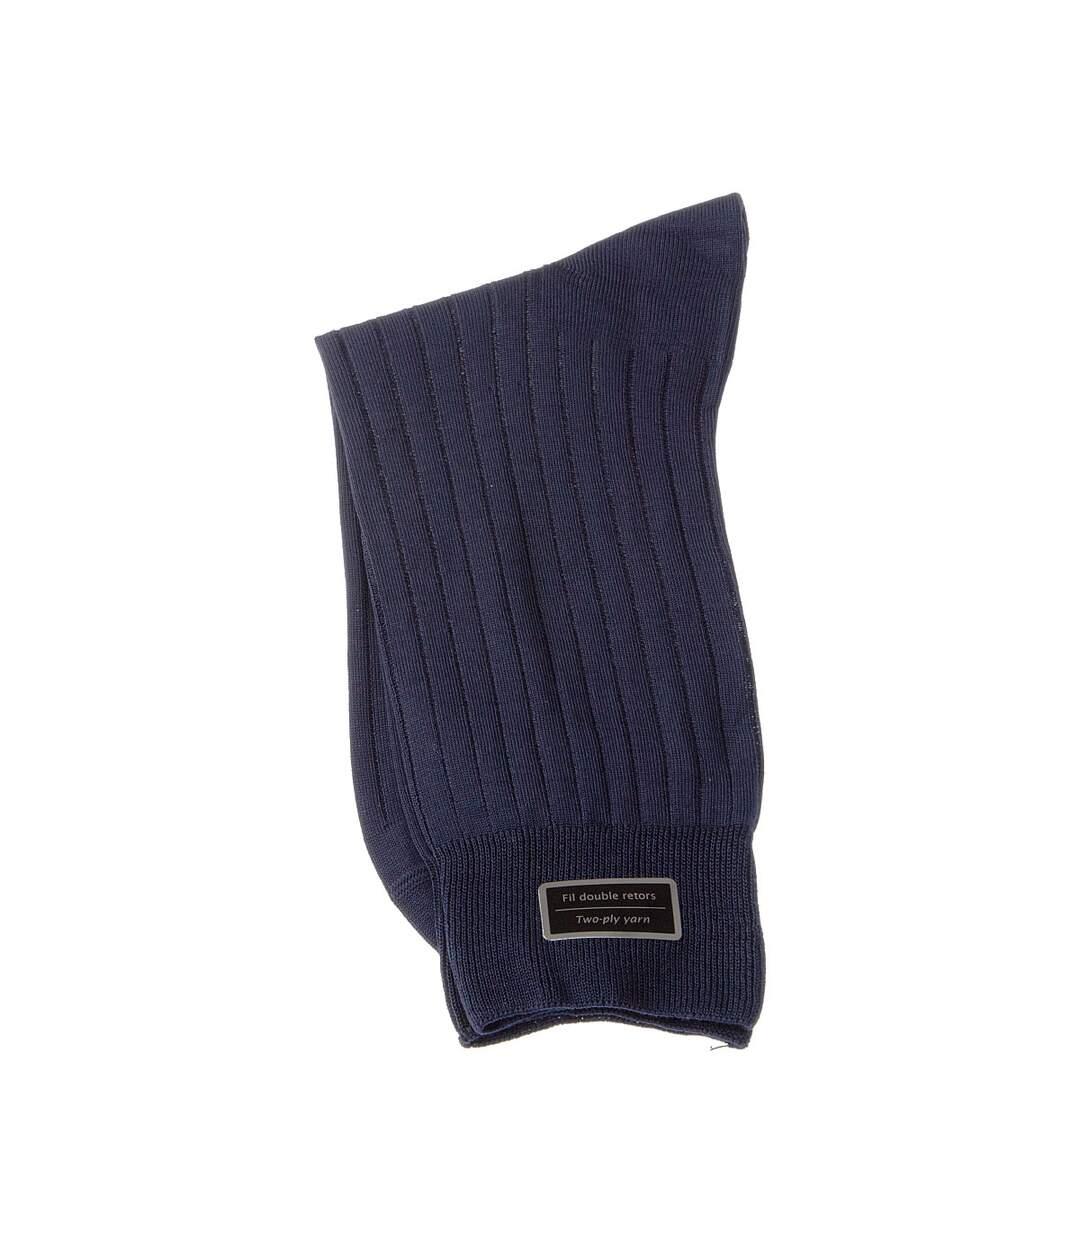 Dégagement Chaussette Mi-Hautes 1 paire Coutures plates Sans bouclette A côtes Fine Fil d\'écosse Bleu marine Excellence dsf.d455nksdKLFHG